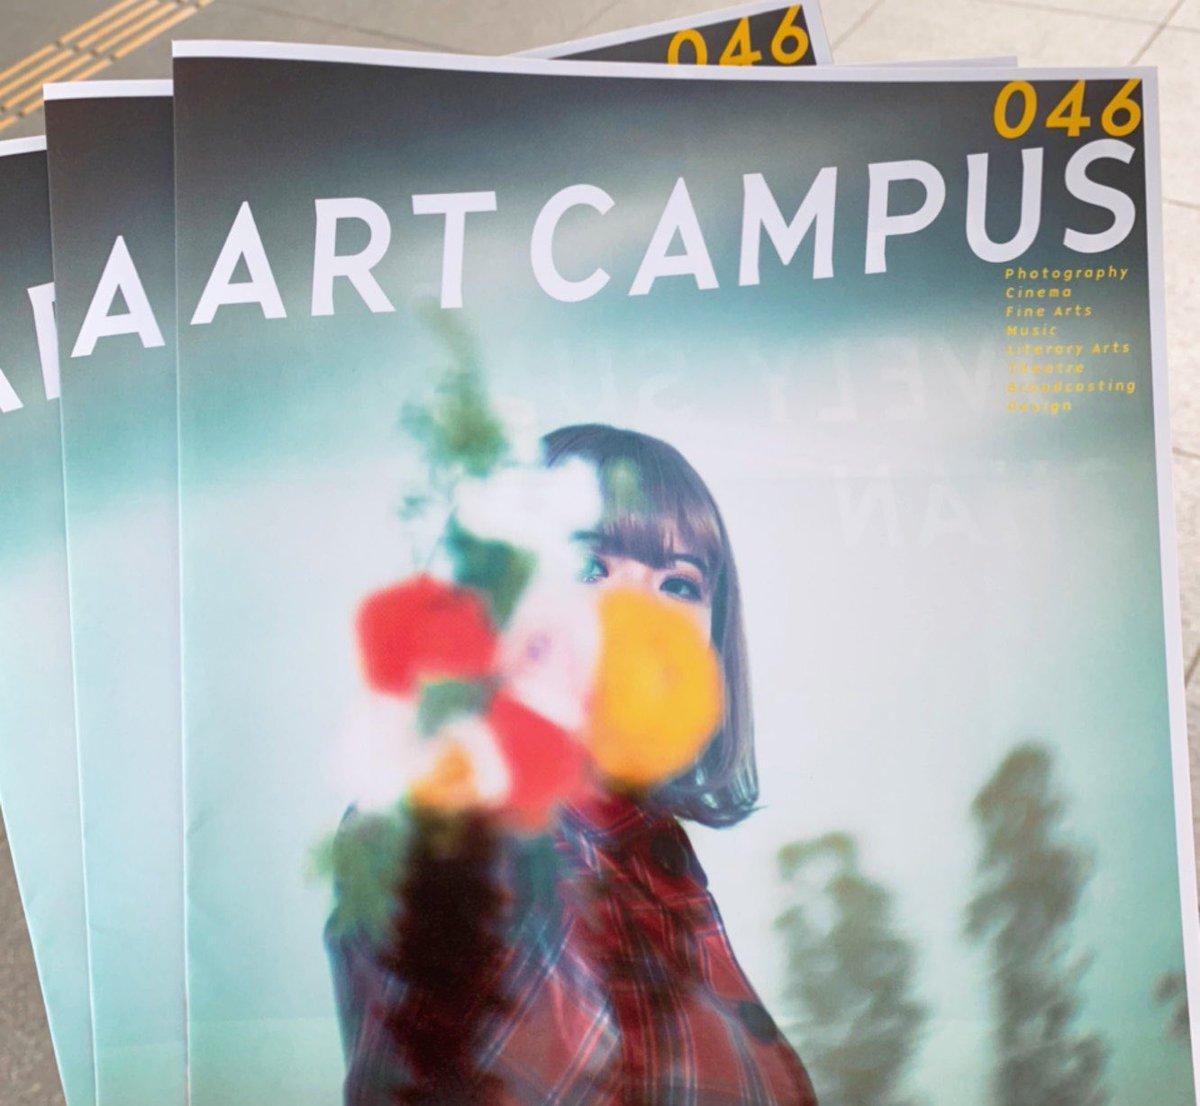 """谷村順一 on Twitter: """"アートキャンパス46号が発行されました(大学に行けてないのでまだ実物を手にしてないのですが。なので写真はゼミ生から借用してます)!  表紙、巻頭インタビューはラブリーサマーちゃん! チェケラッチョ!!!… """""""